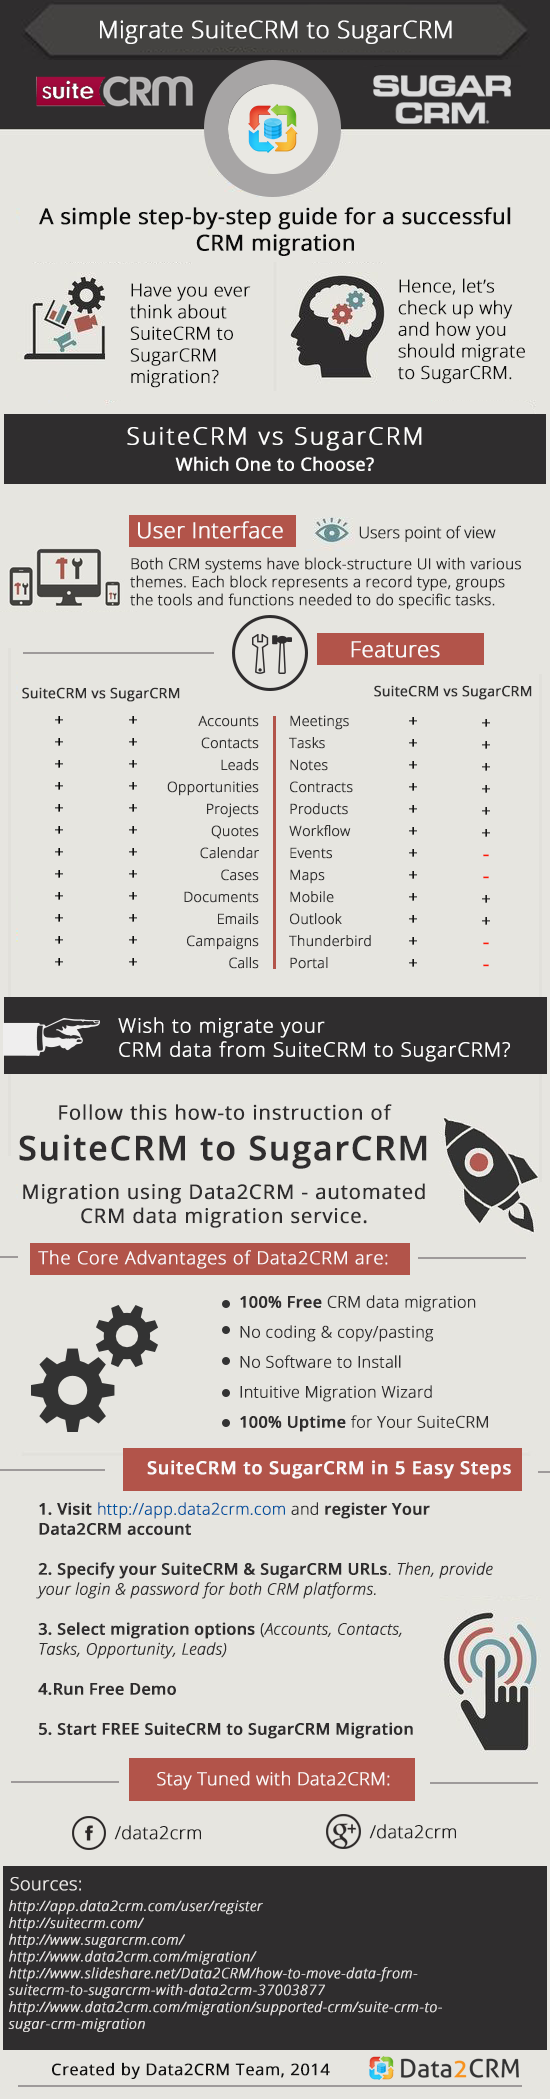 SuiteCRM_to_ SugarCRM_Migration_Automatedly